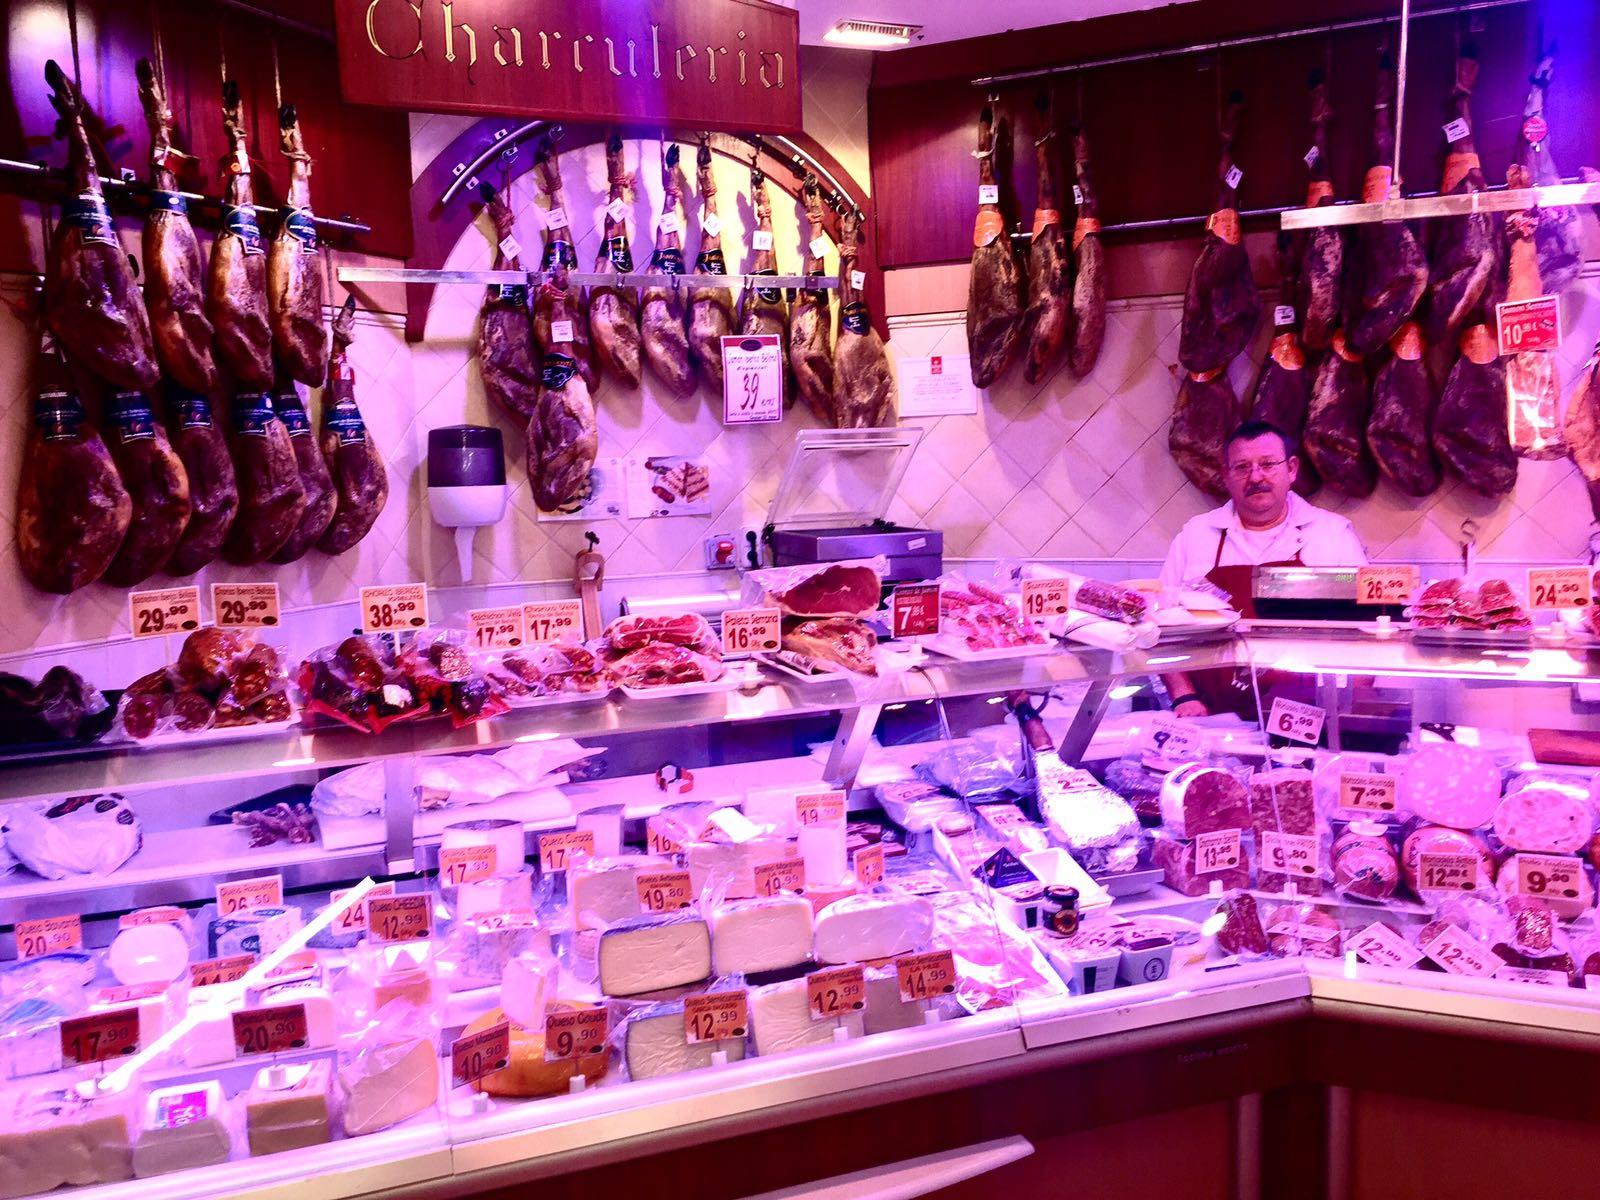 Comprafresca | Tienda online de frutas, verduras, carnicería y embutidos